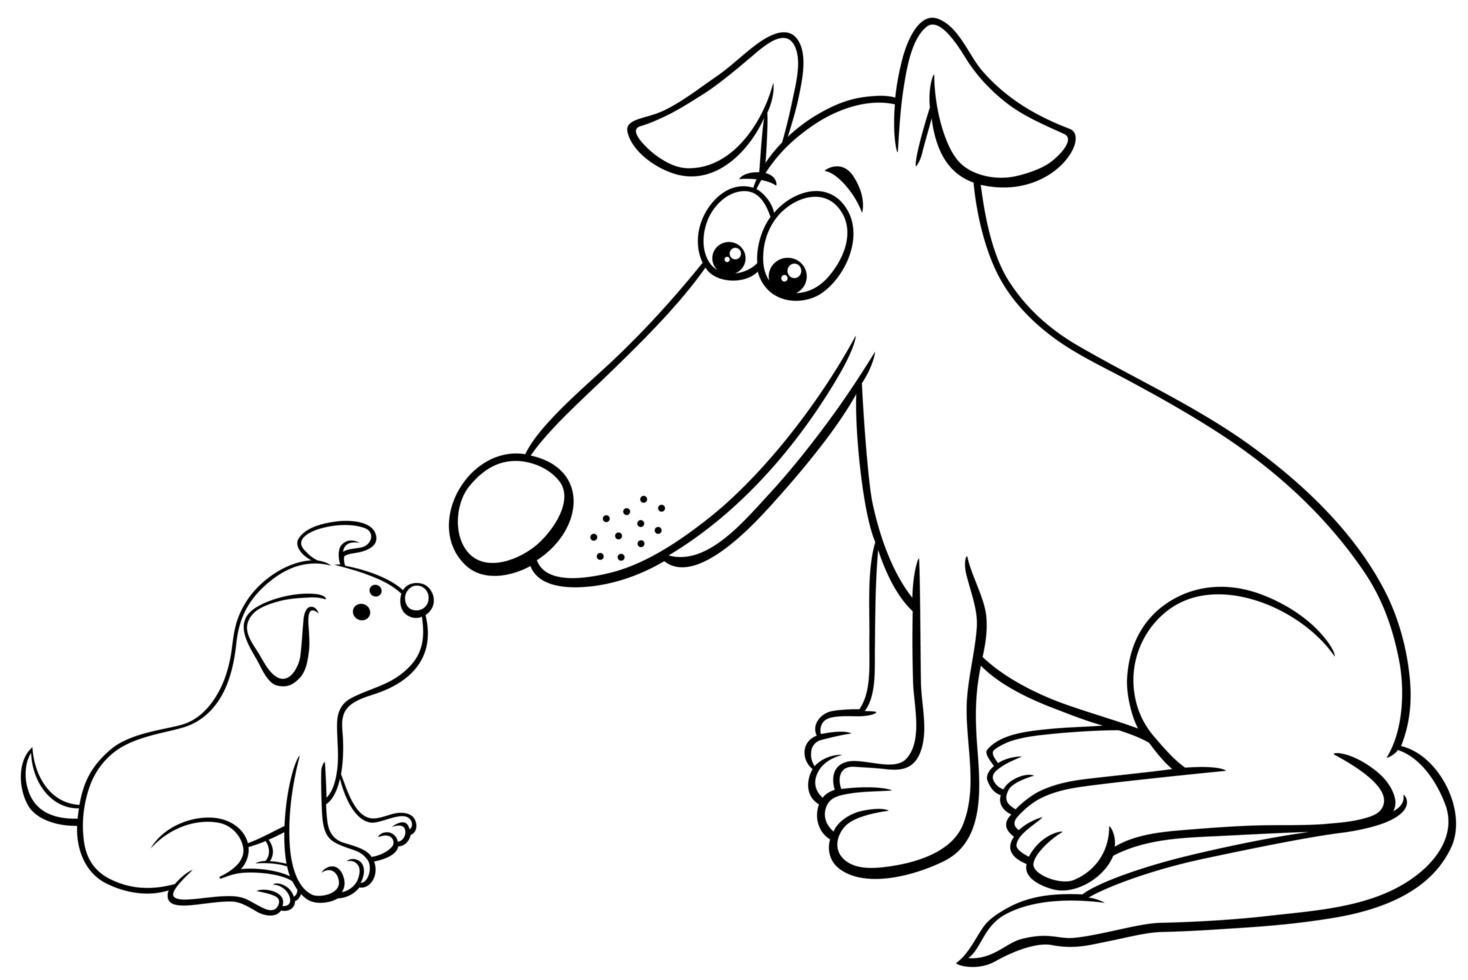 valp och hund djur tecken målarbok sida vektor